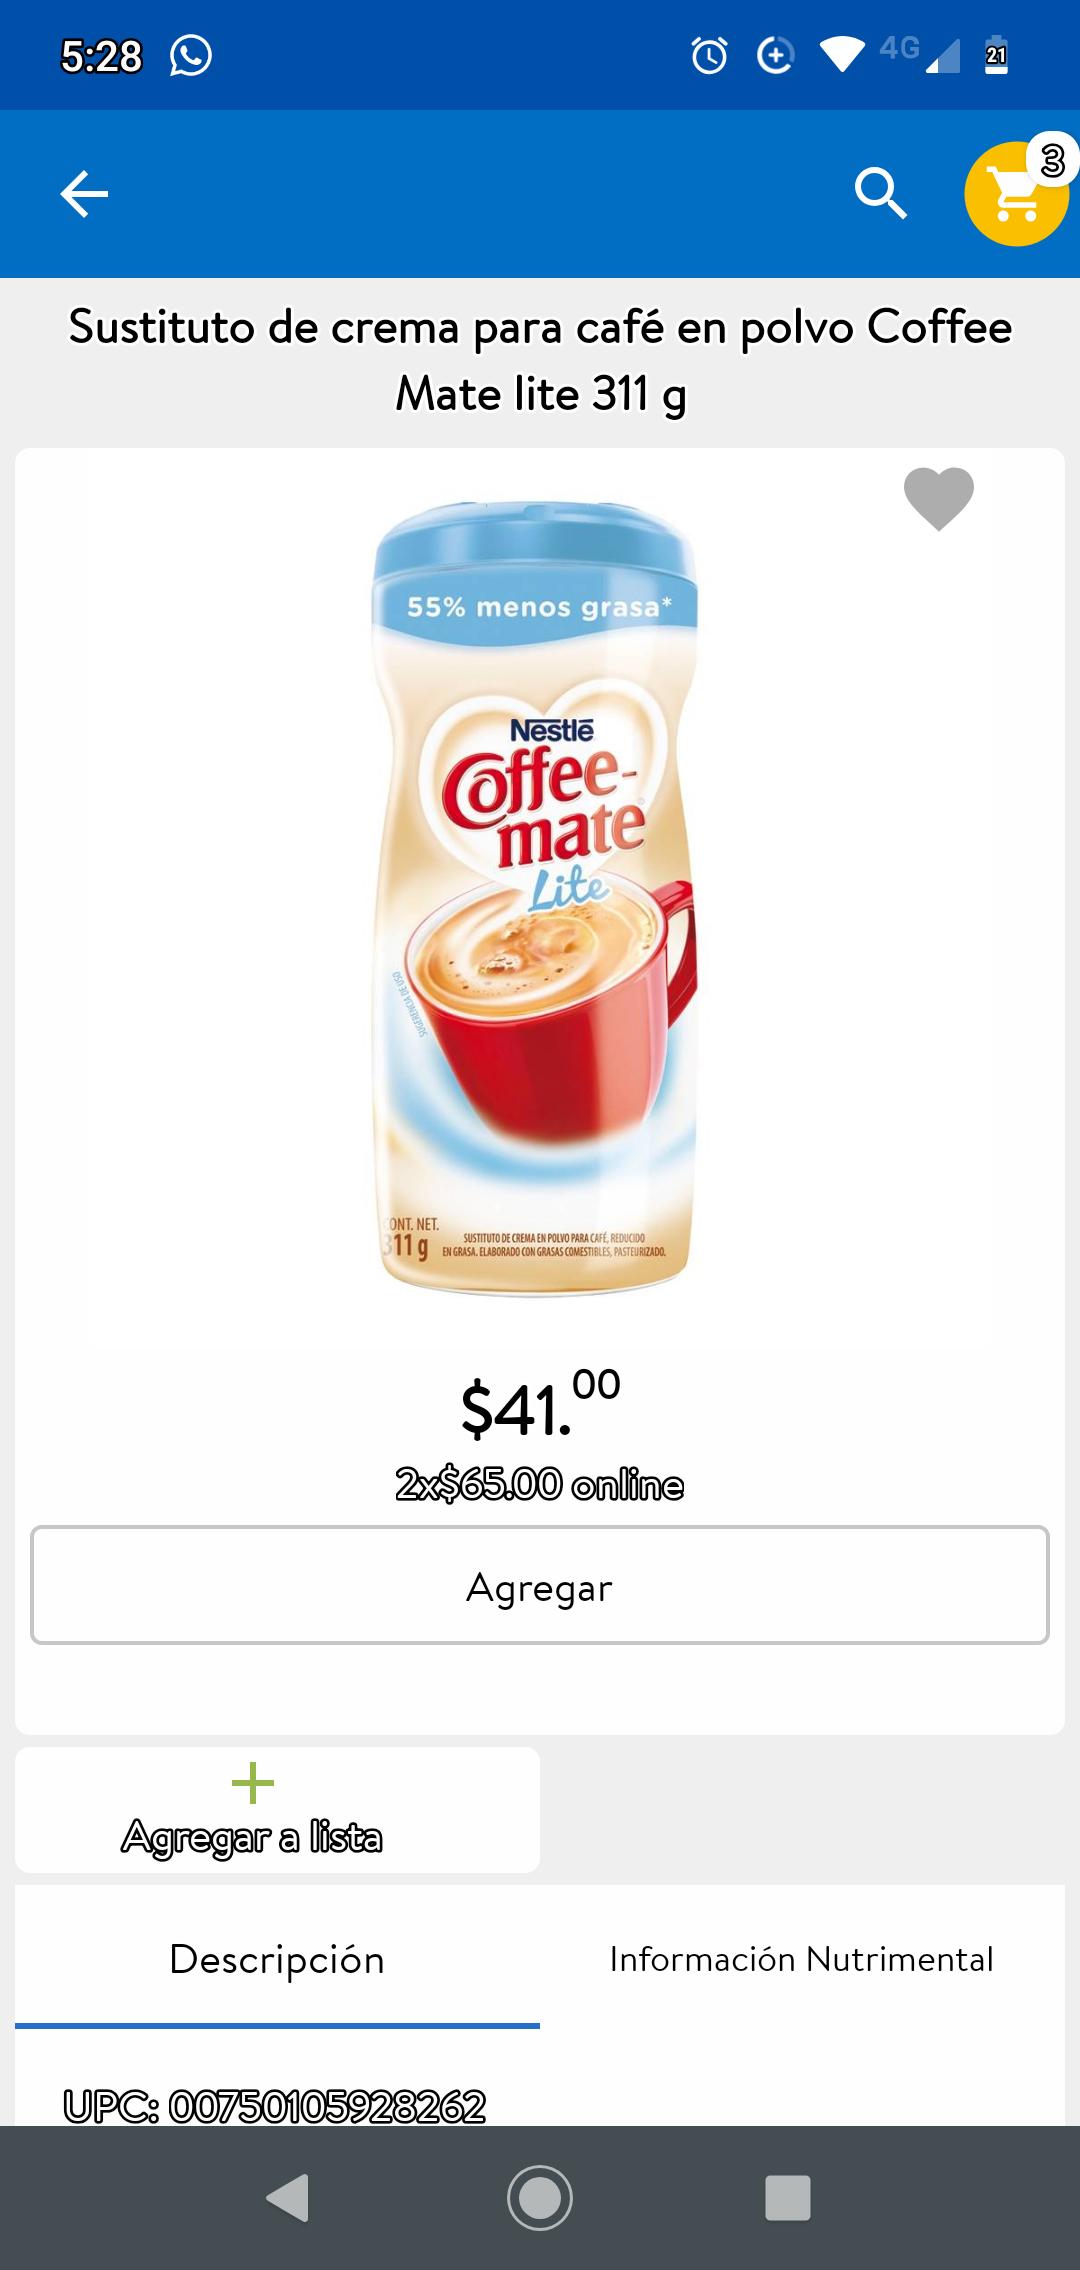 Walmart: Sustituto de crema para café en polvo Coffee Mate lite 311g